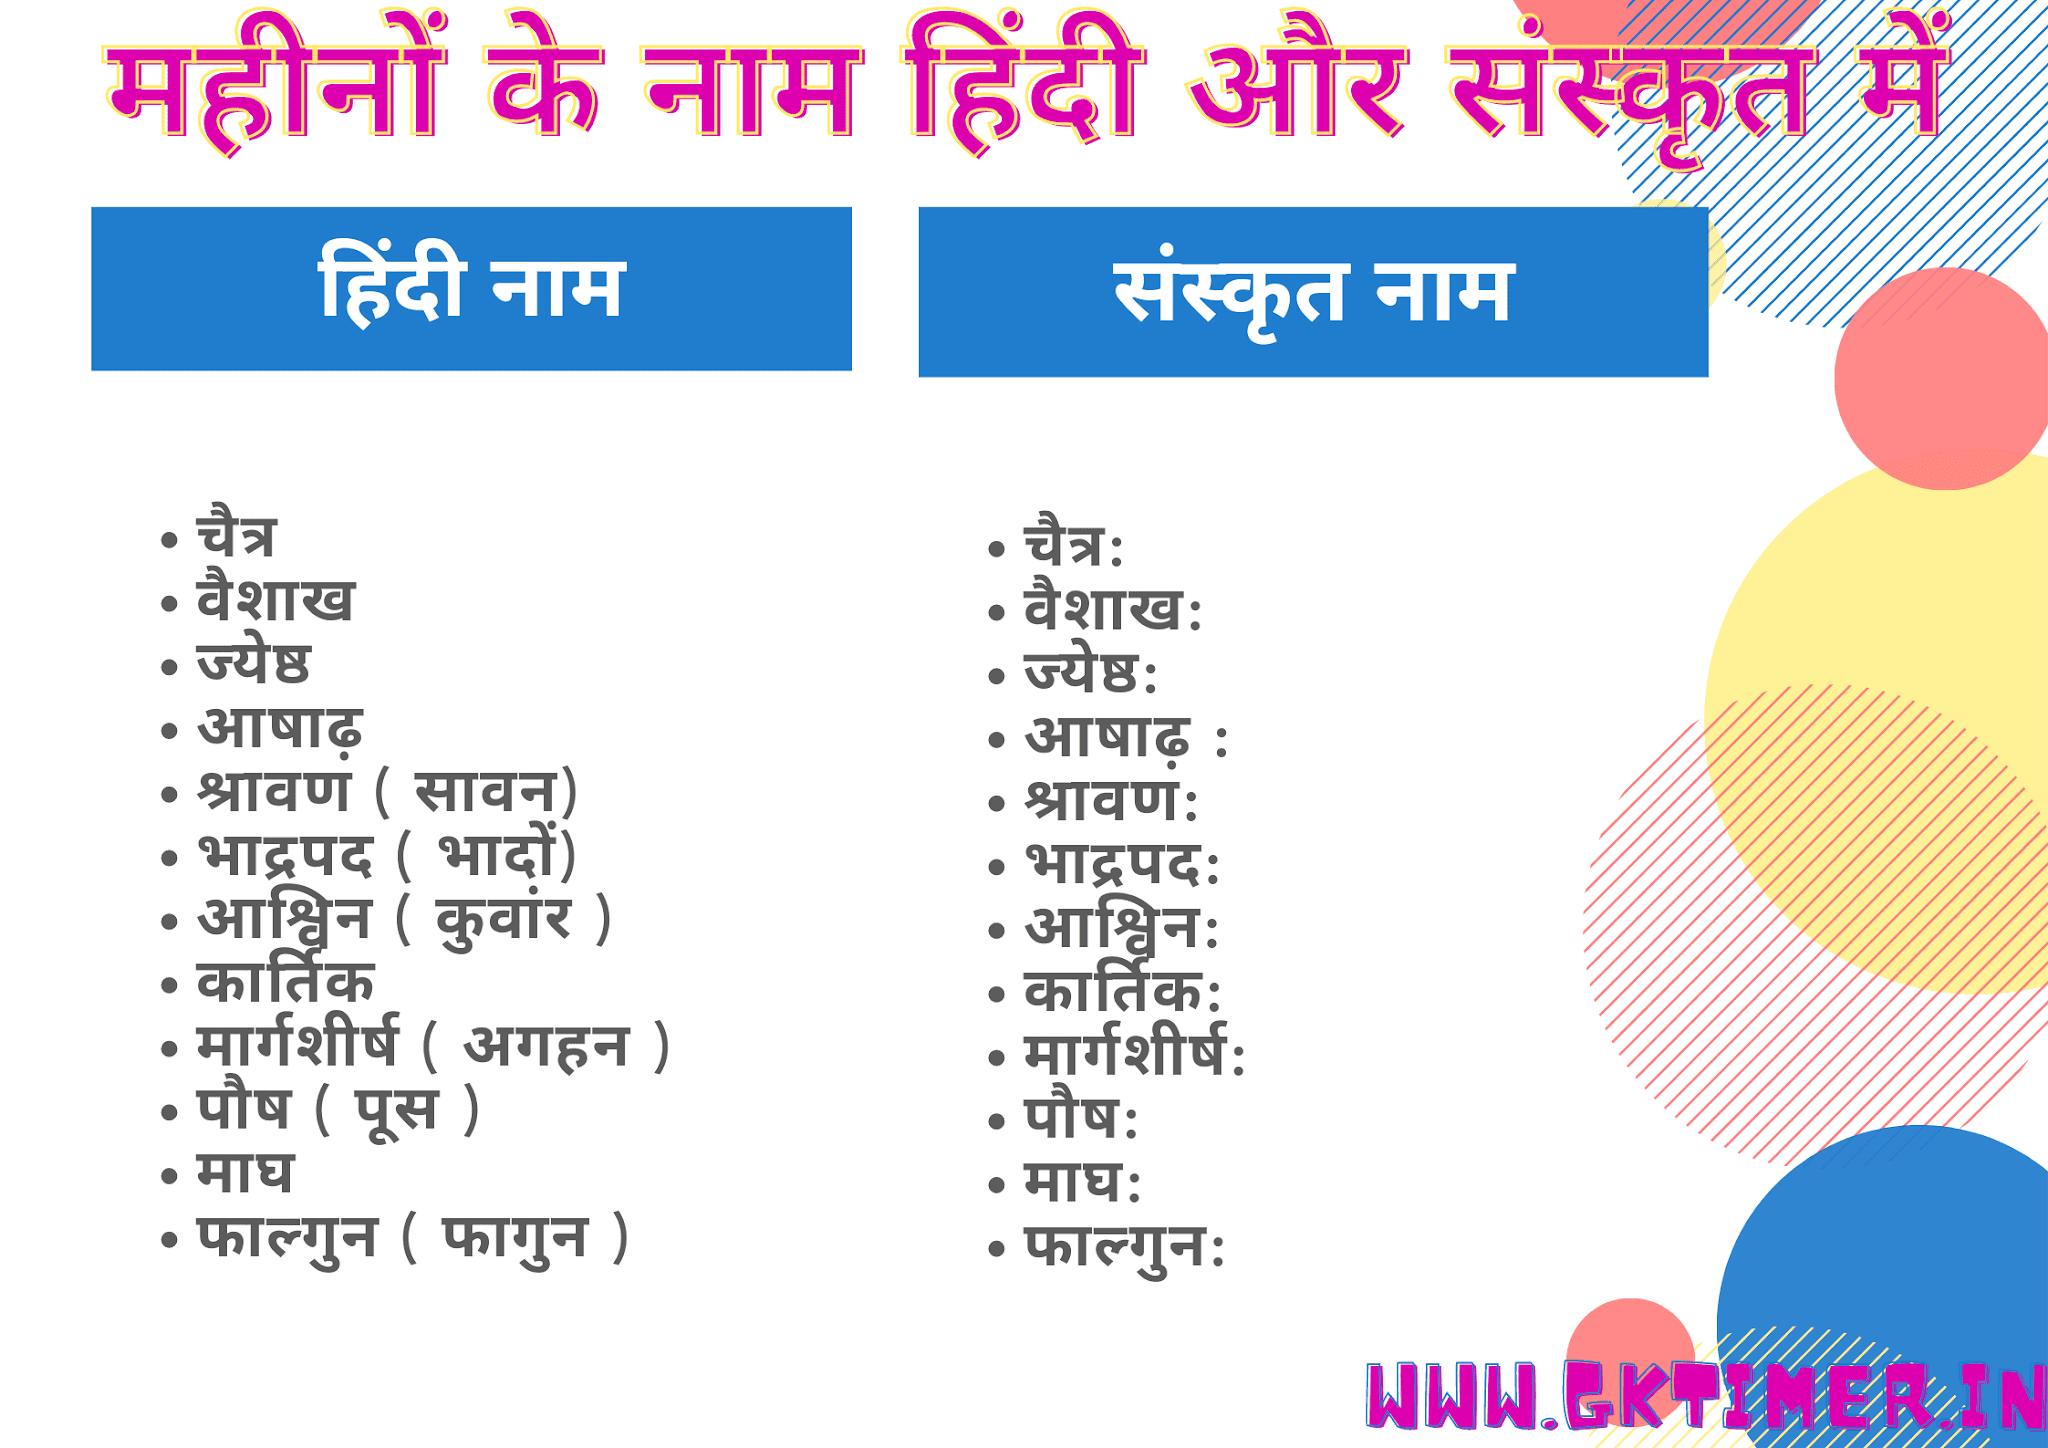 Months Name in Hindi and Sanskrit | 12 महीनों के नाम हिंदी और  संस्कृत में